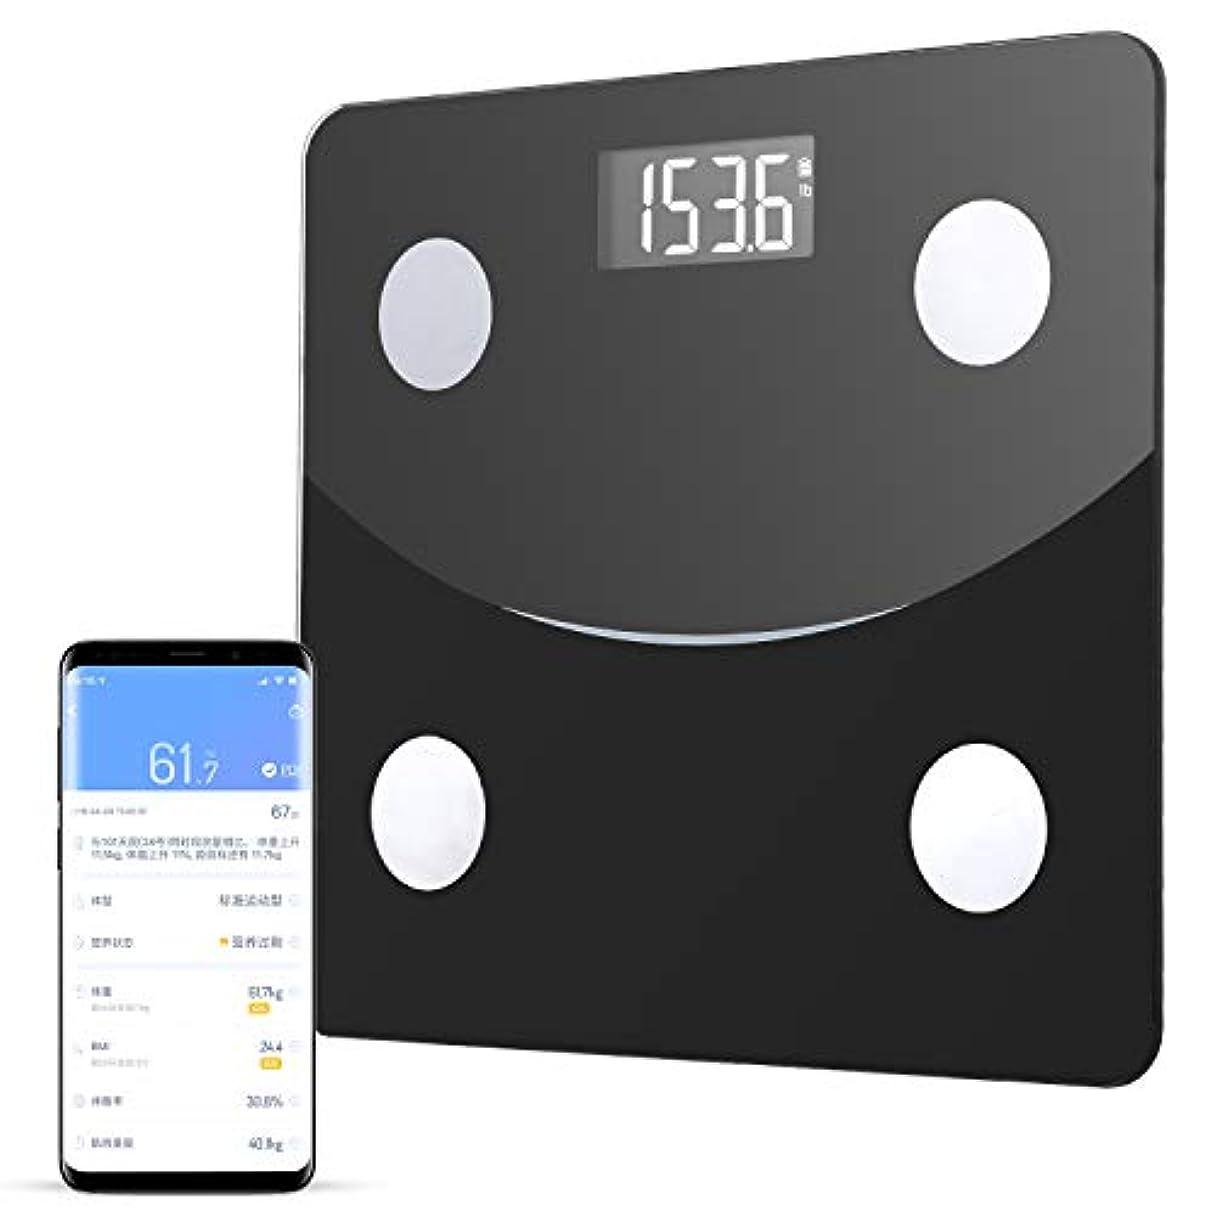 マイクロフォンコーヒー乱雑な体重計 体組成計 体脂肪計 Bluetooth スマホ対応  体脂肪率やBMI/体重/基礎代謝など測定できる ダイエットや健康管理に役立つ 収納便利 180 kgまで 日本語説明書付き (ブラック)